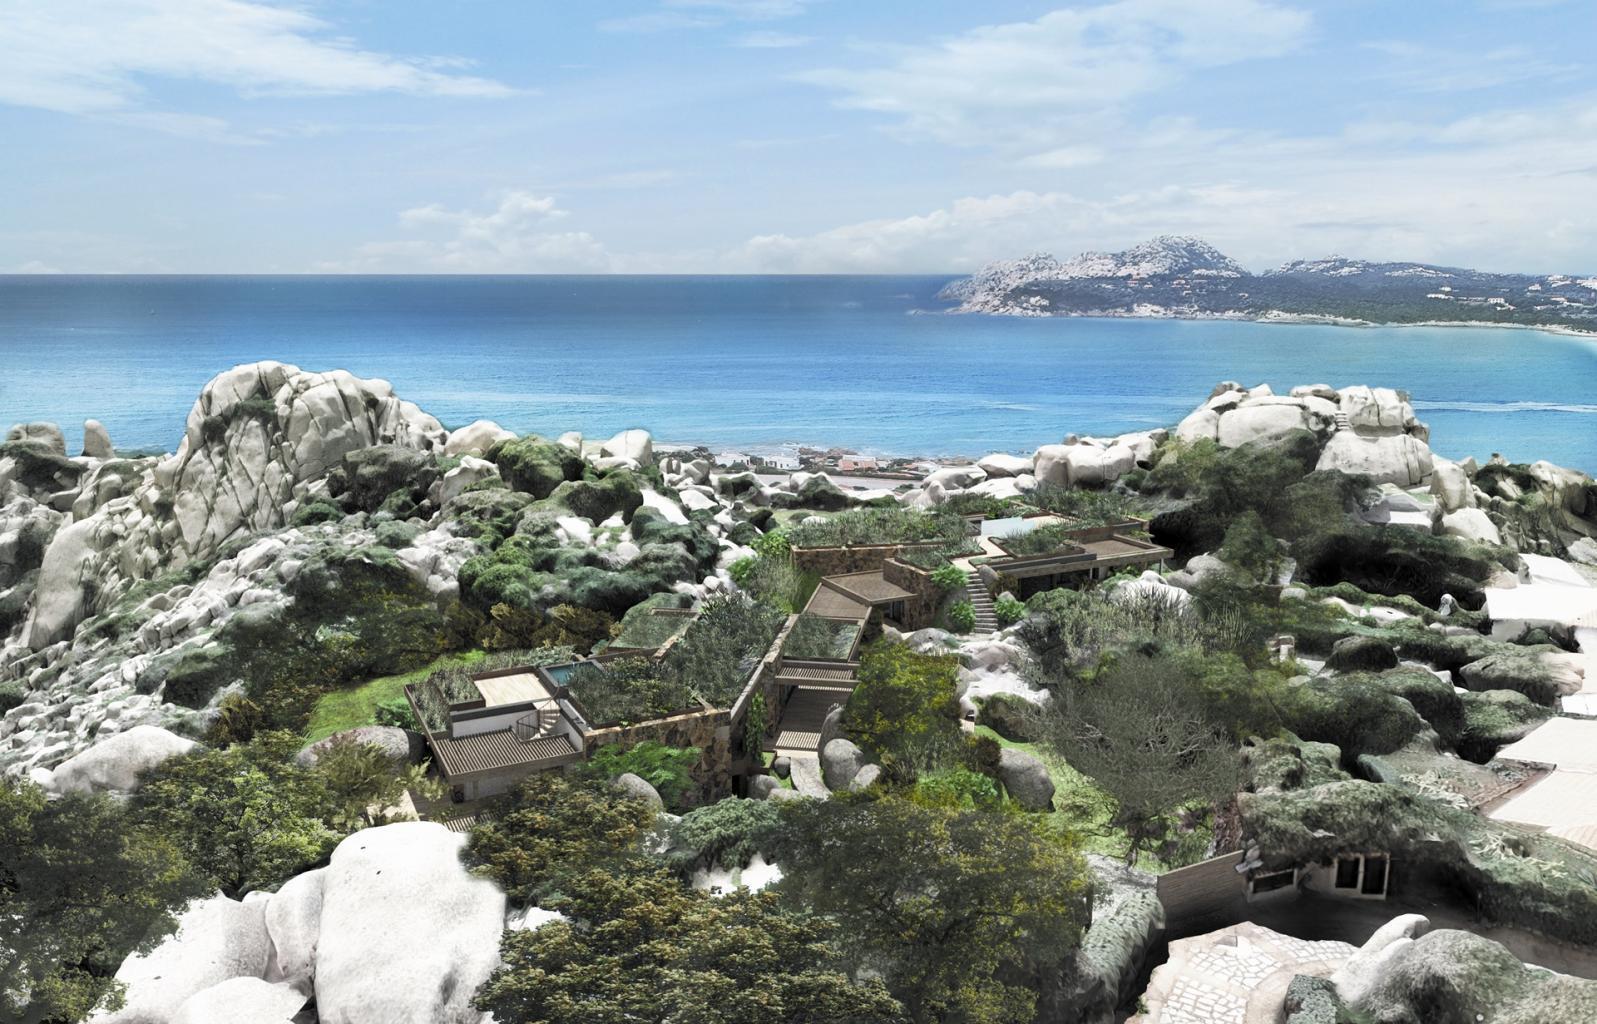 Projet Villa Canaletto - Maison durable à vendre en Sardaigne